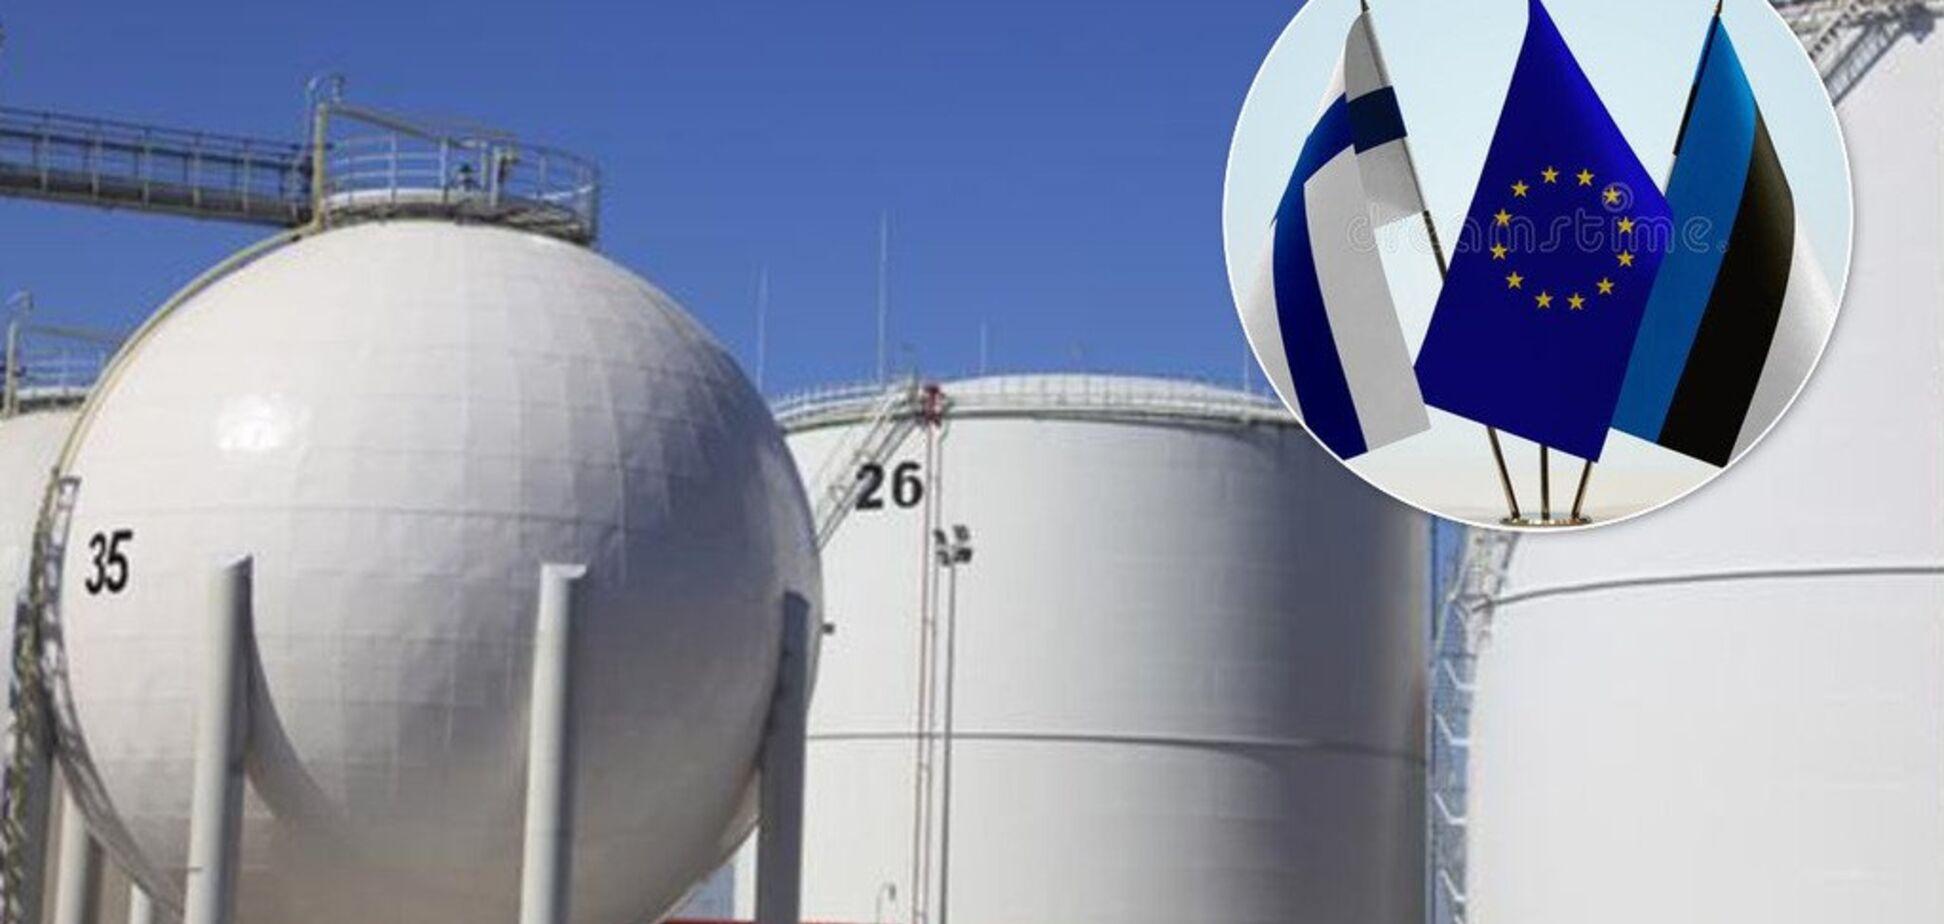 Объединились против России: Эстония и Финляндия построили общий газопровод